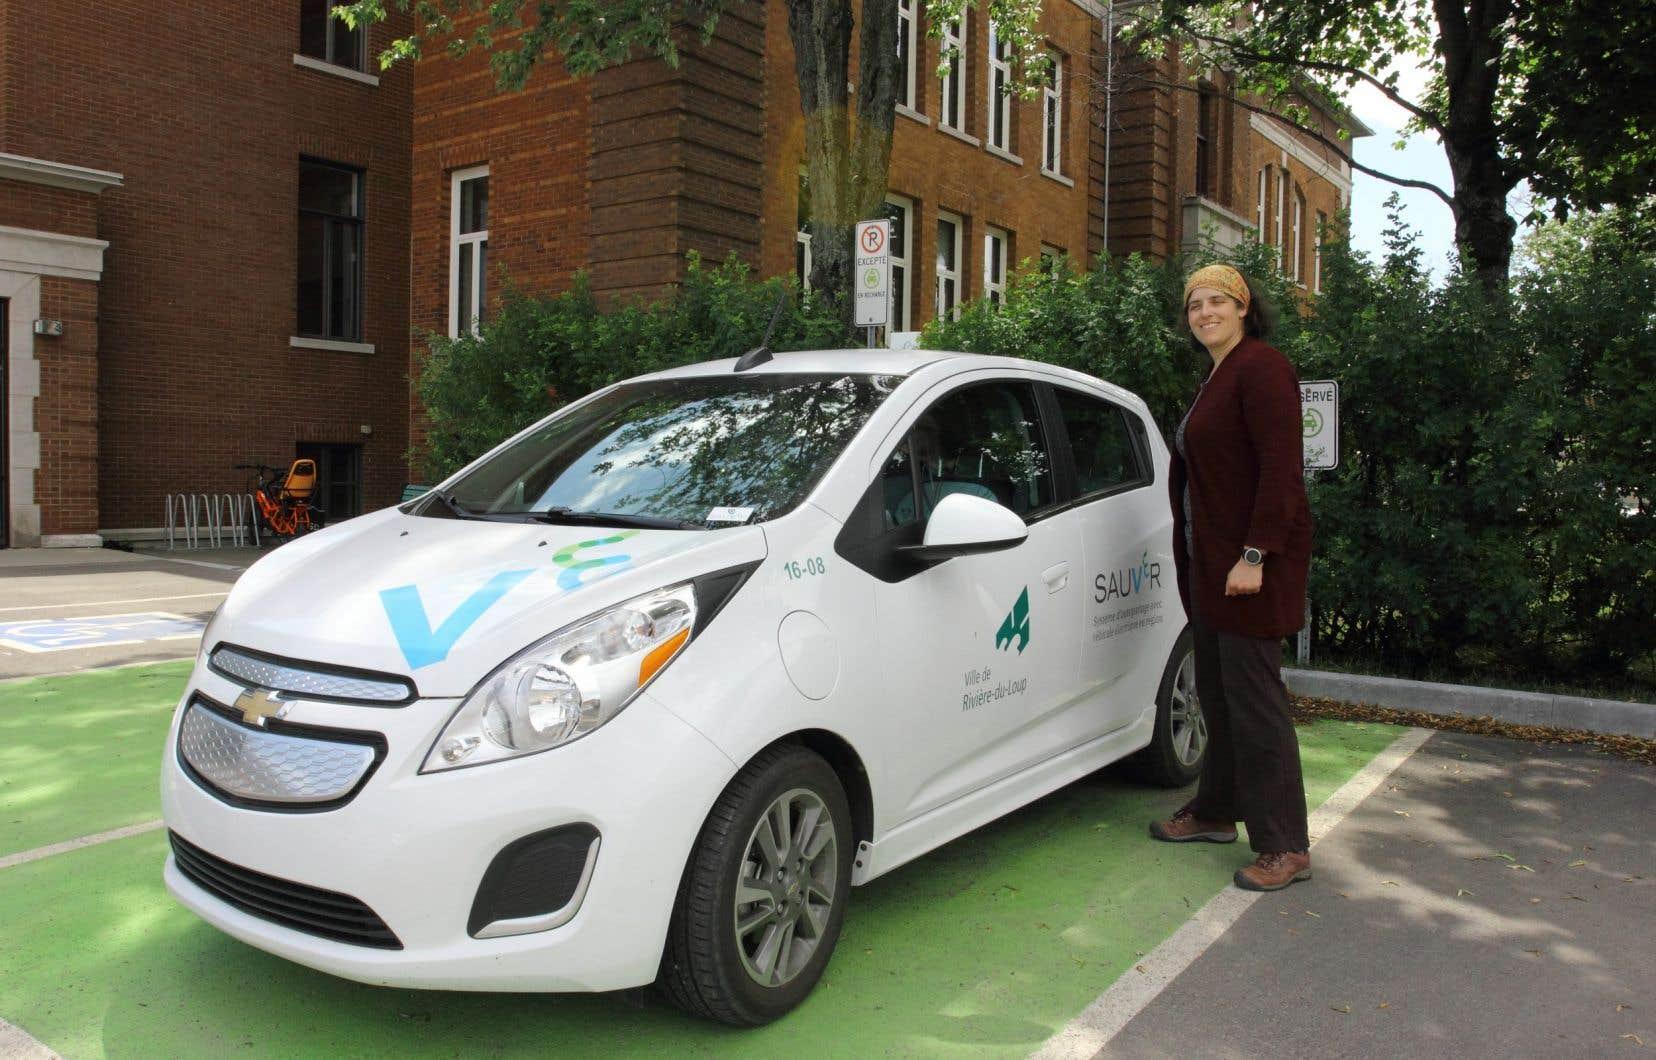 La conseillère en développement durable de Rivière-du-Loup, Marianne Gagnon, devant la Chevrolet Spark en autopartage de la Ville